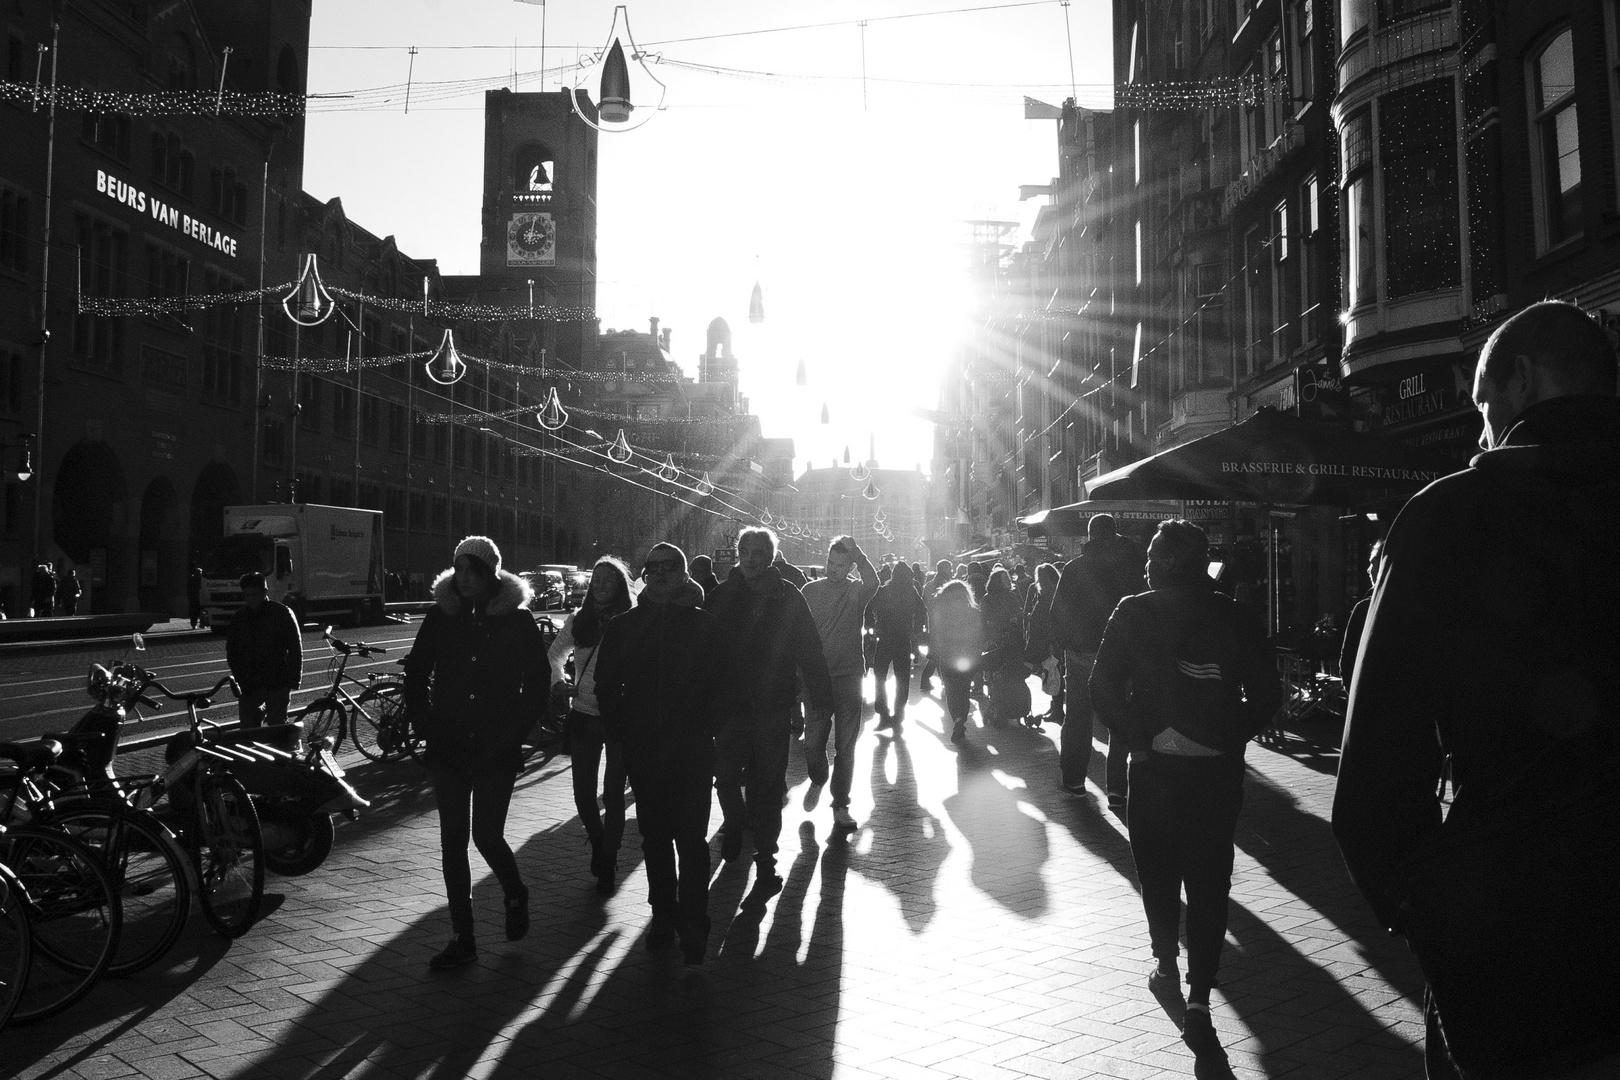 Amsterdam - Damrak - 03